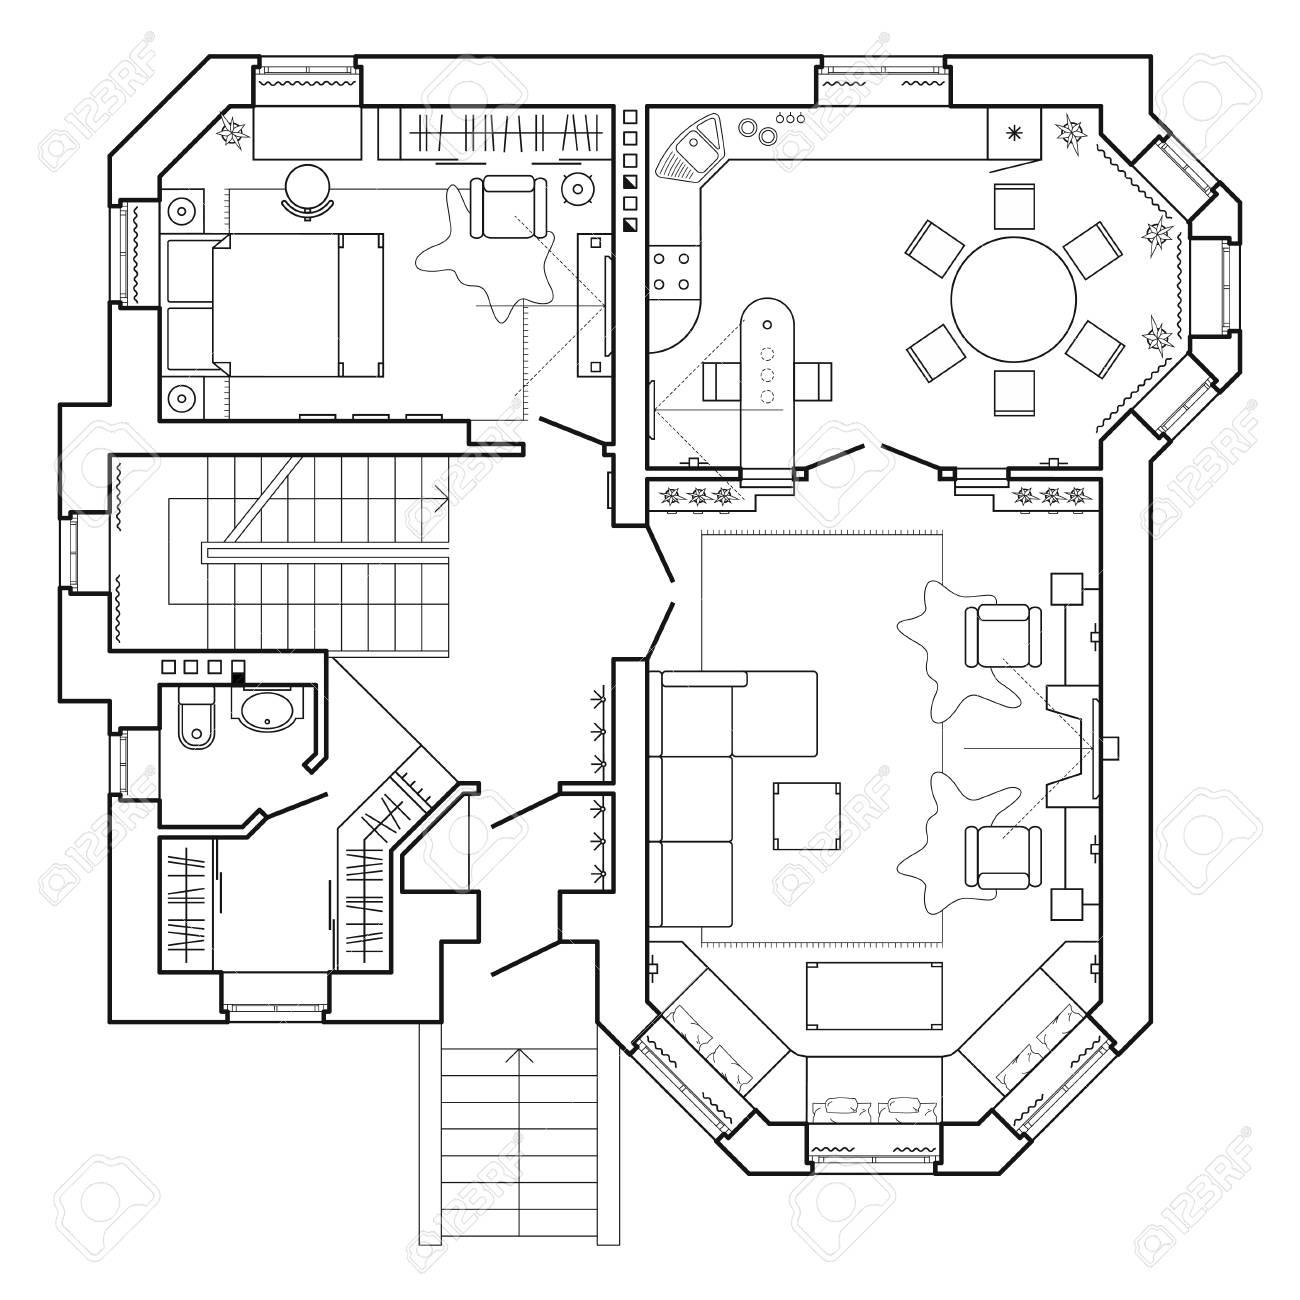 Icones De Plan D Etage Plan Architectural Noir Et Blanc D Une Maison Disposition De La Vue De Dessus De L Appartement Avec Les Meubles Dans La Vue En Plan Clip Art Libres De Droits